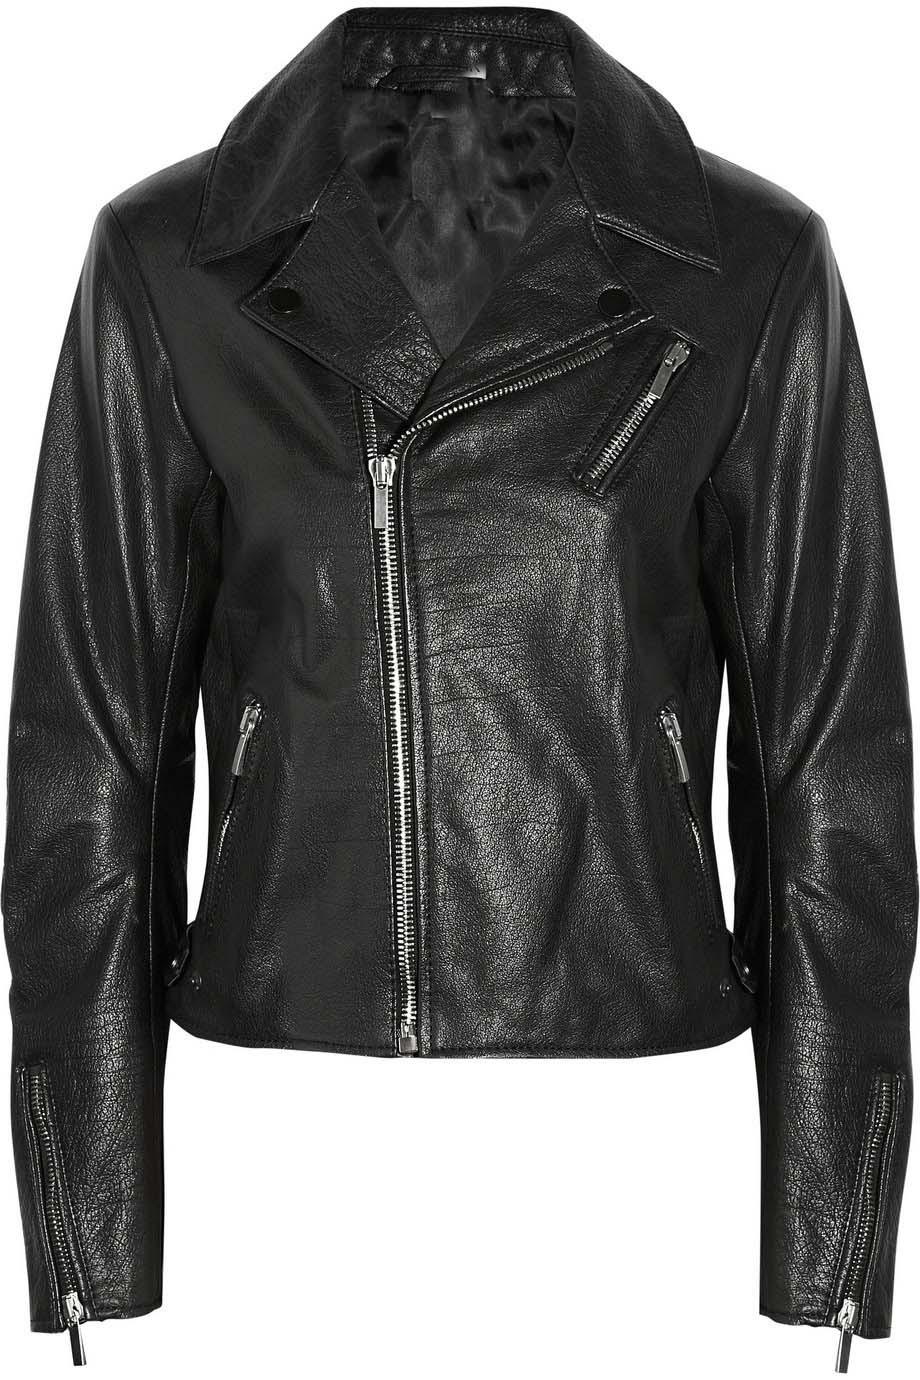 WOMENS LEATHER JACKET BLACK COLOR BIKER LEATHER JACKET FOR WOMENBIKER JACKET - Coats U0026 Jackets